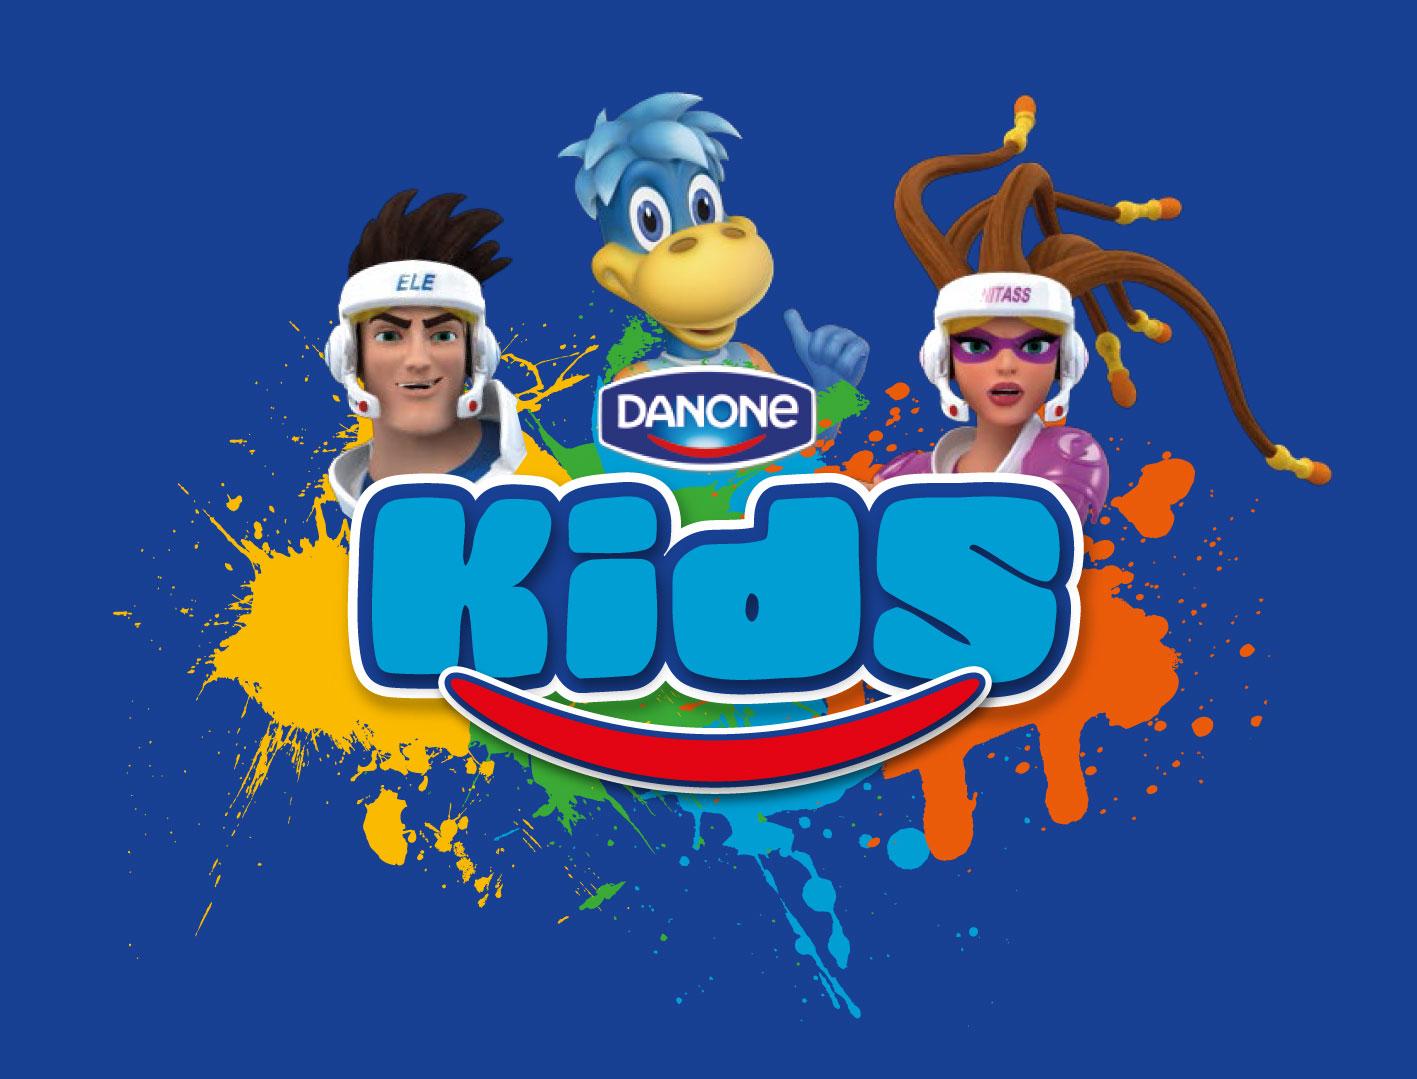 DanoneKids